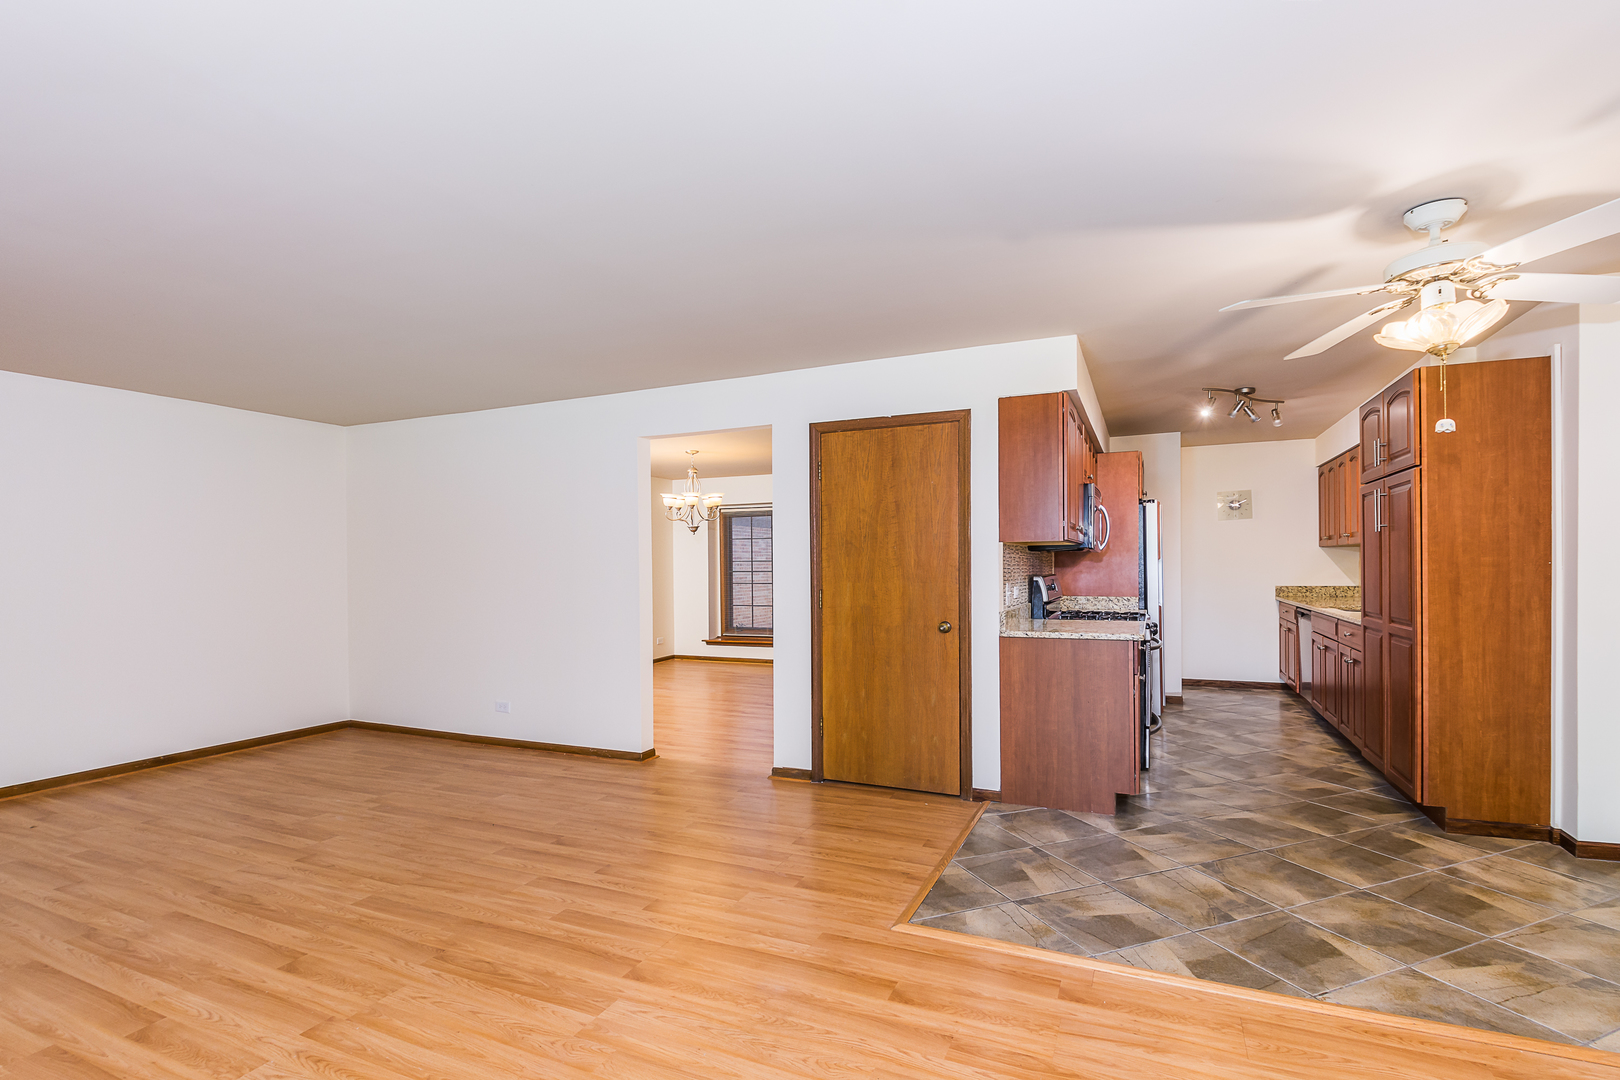 1576 Windsor Unit 1576 ,Arlington Heights, Illinois 60004